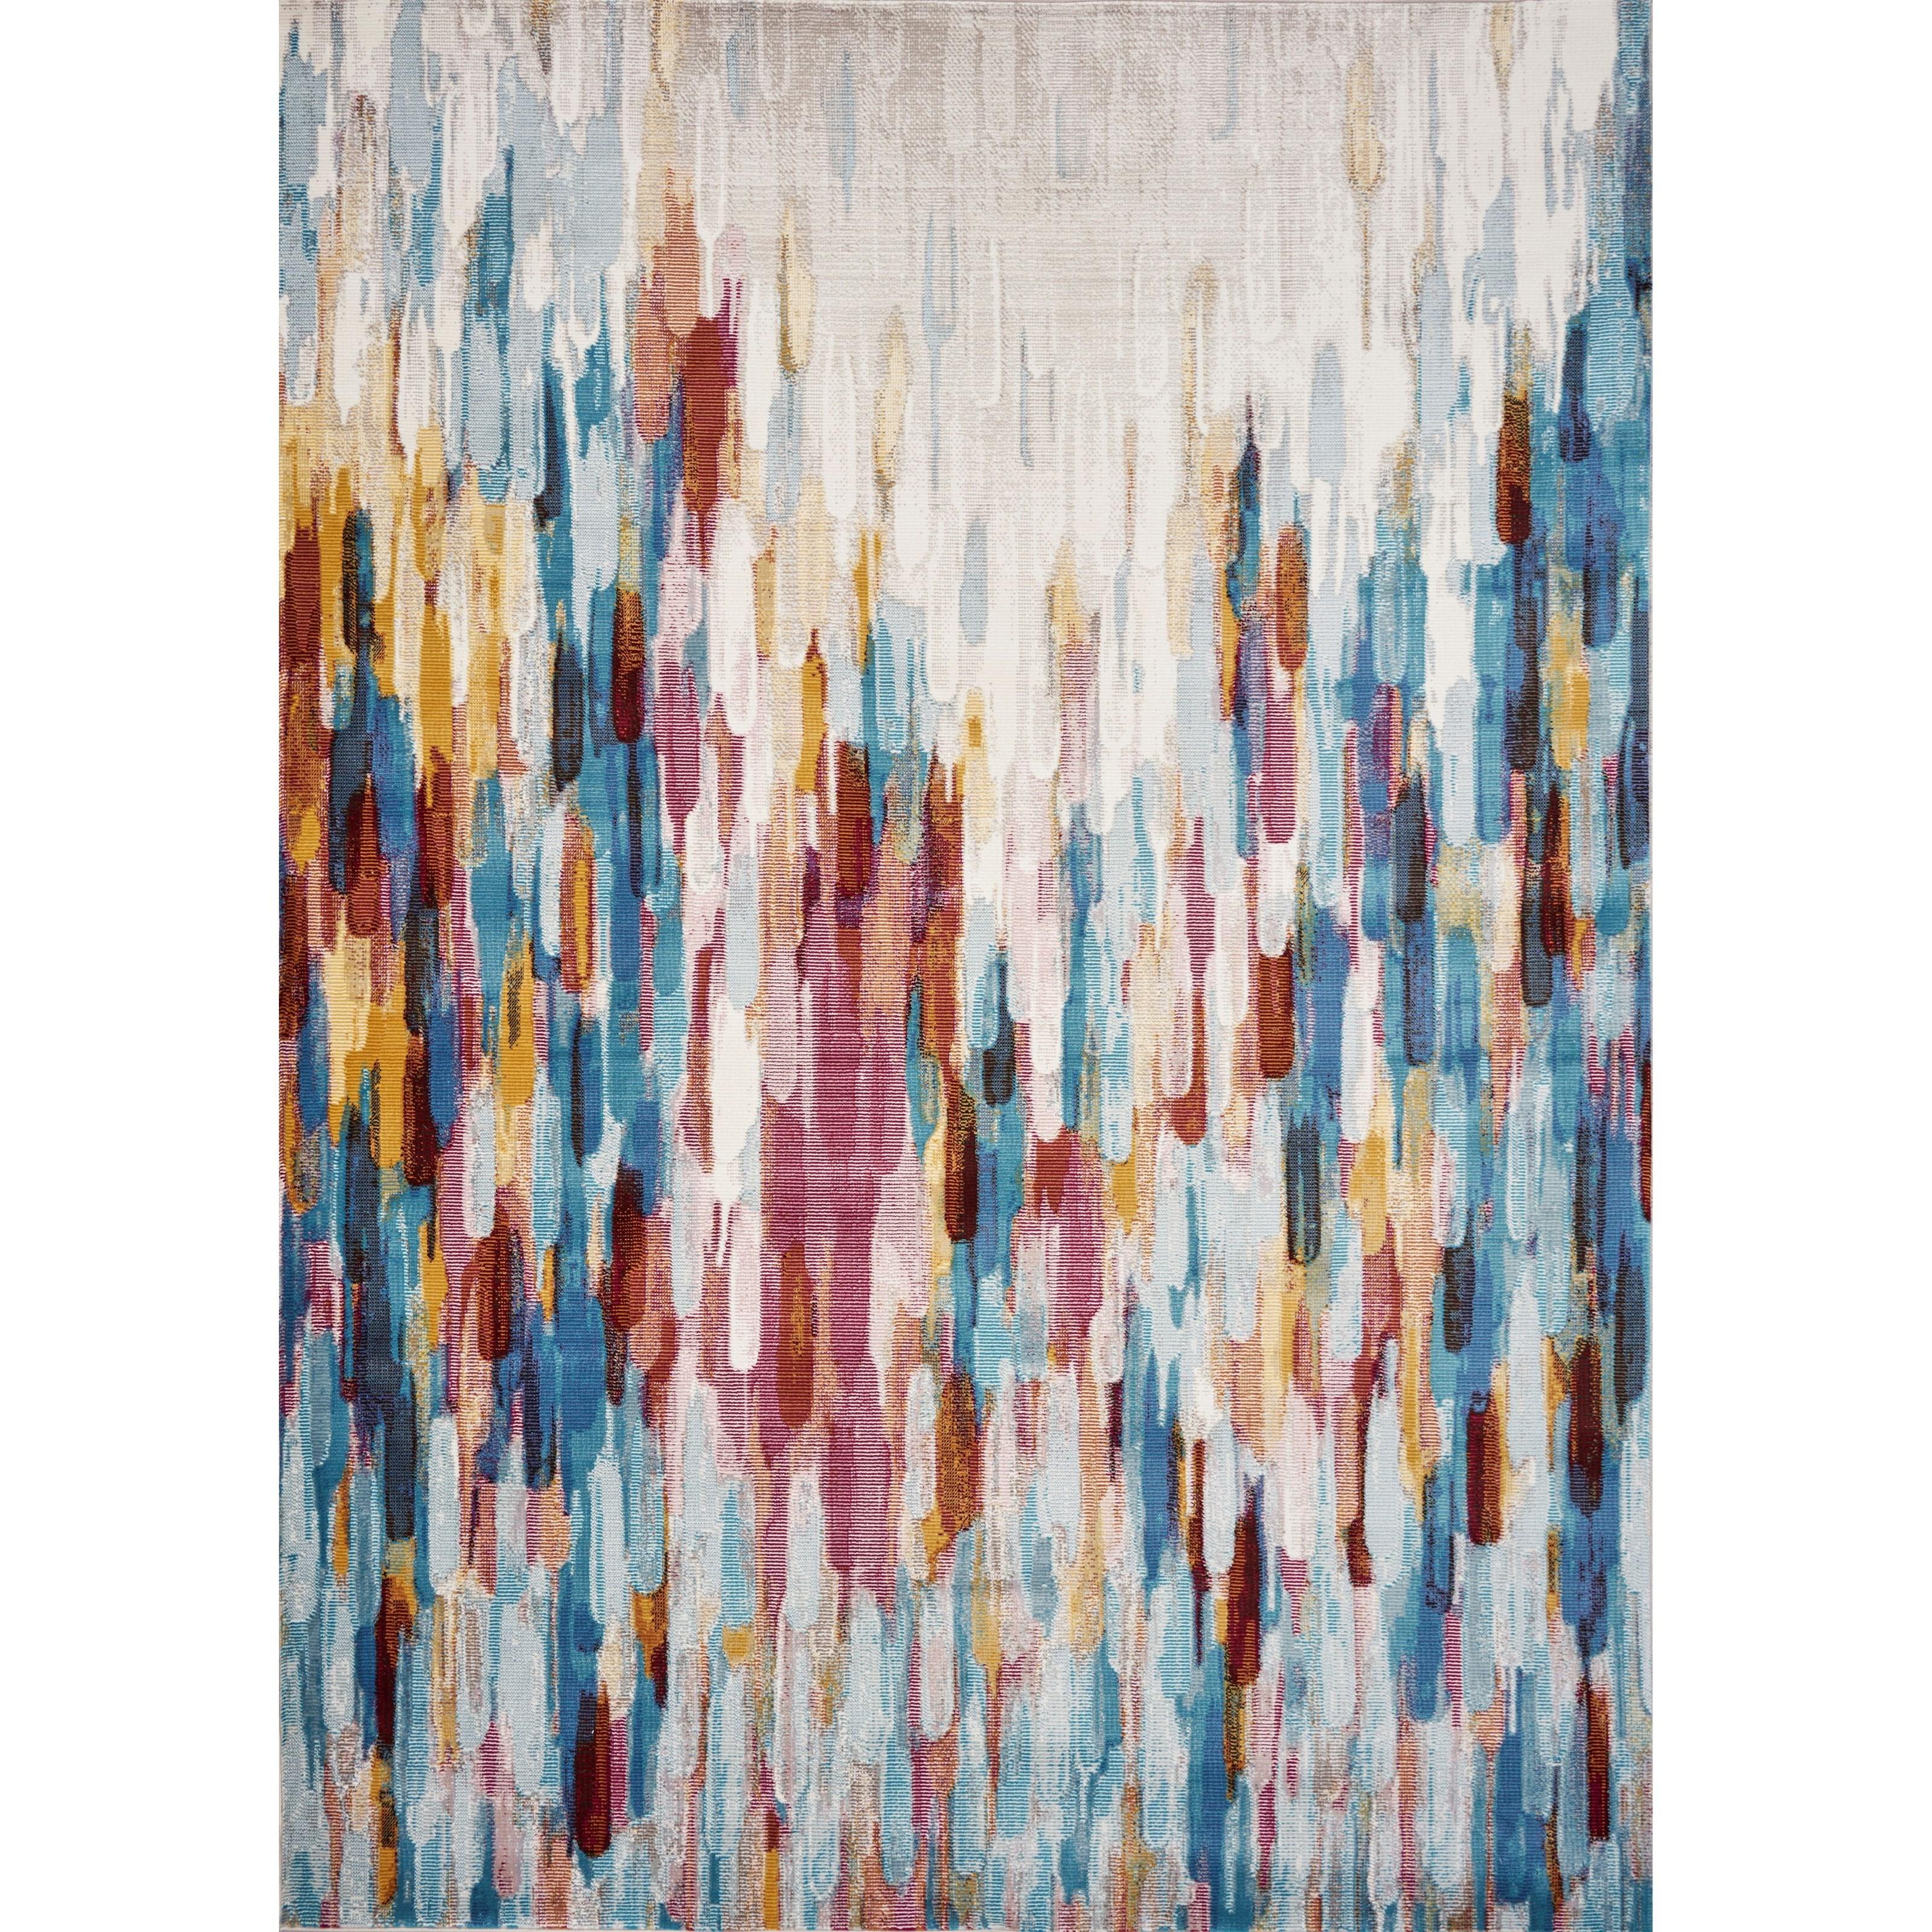 4' x 6' Mlticolor Moderne Rug